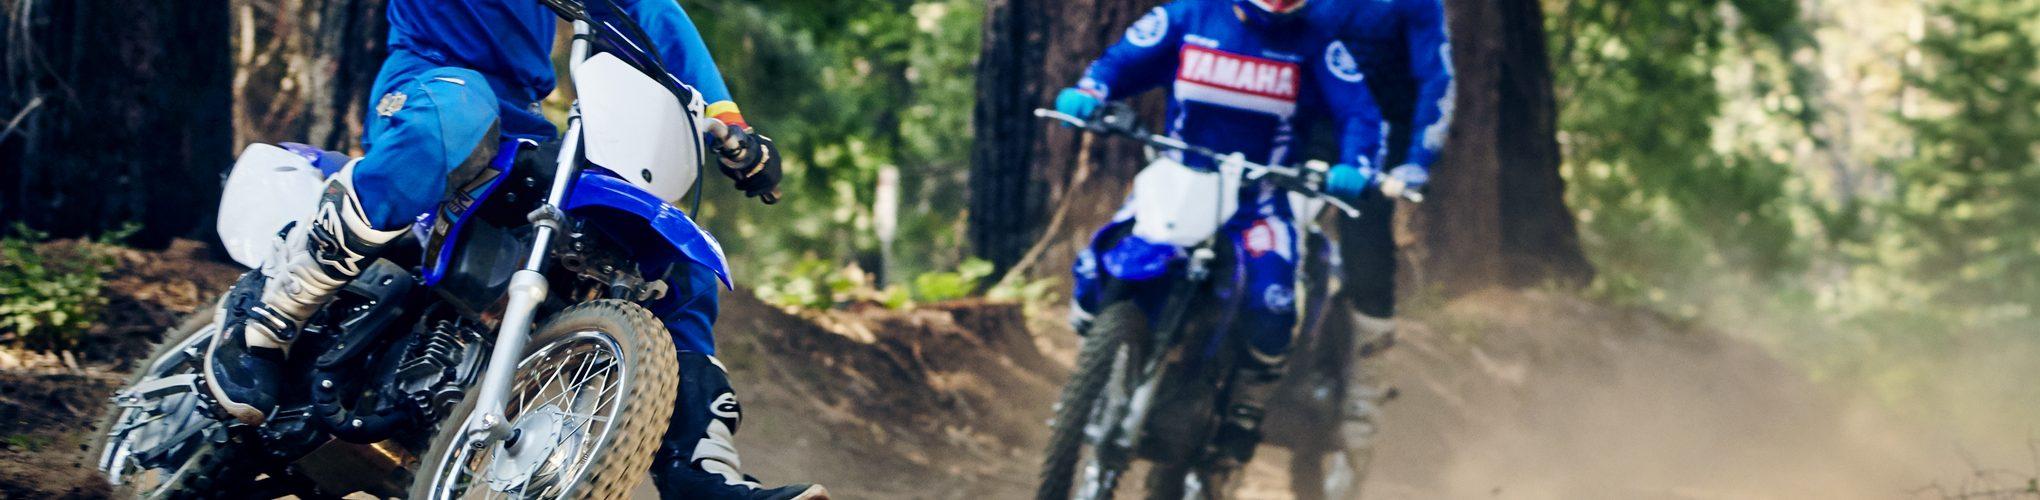 Yamaha PW50 | MotorCentrumWest